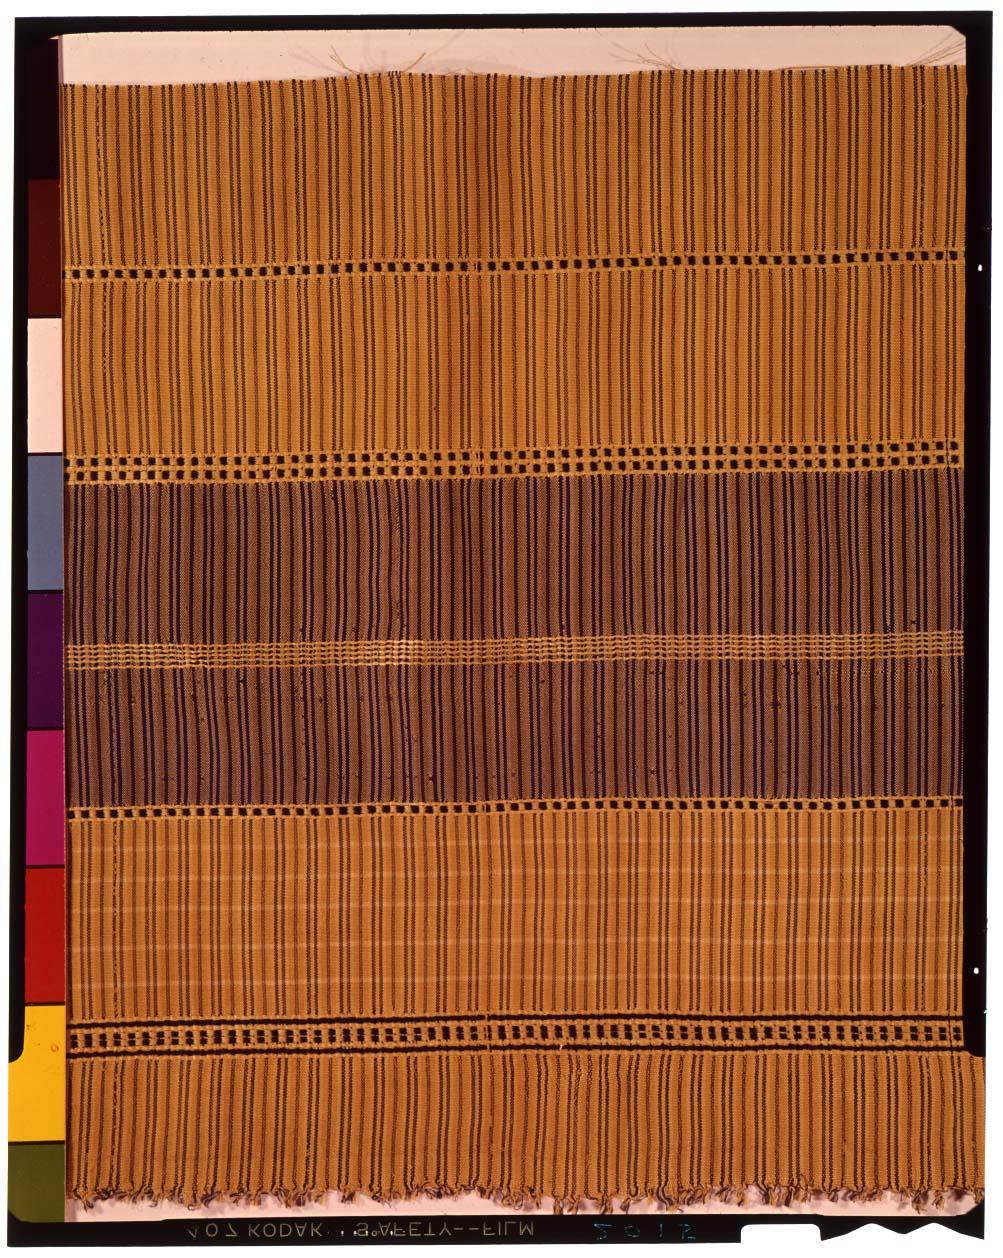 青木間道 画像番号:  東京国立博物館 画像検索